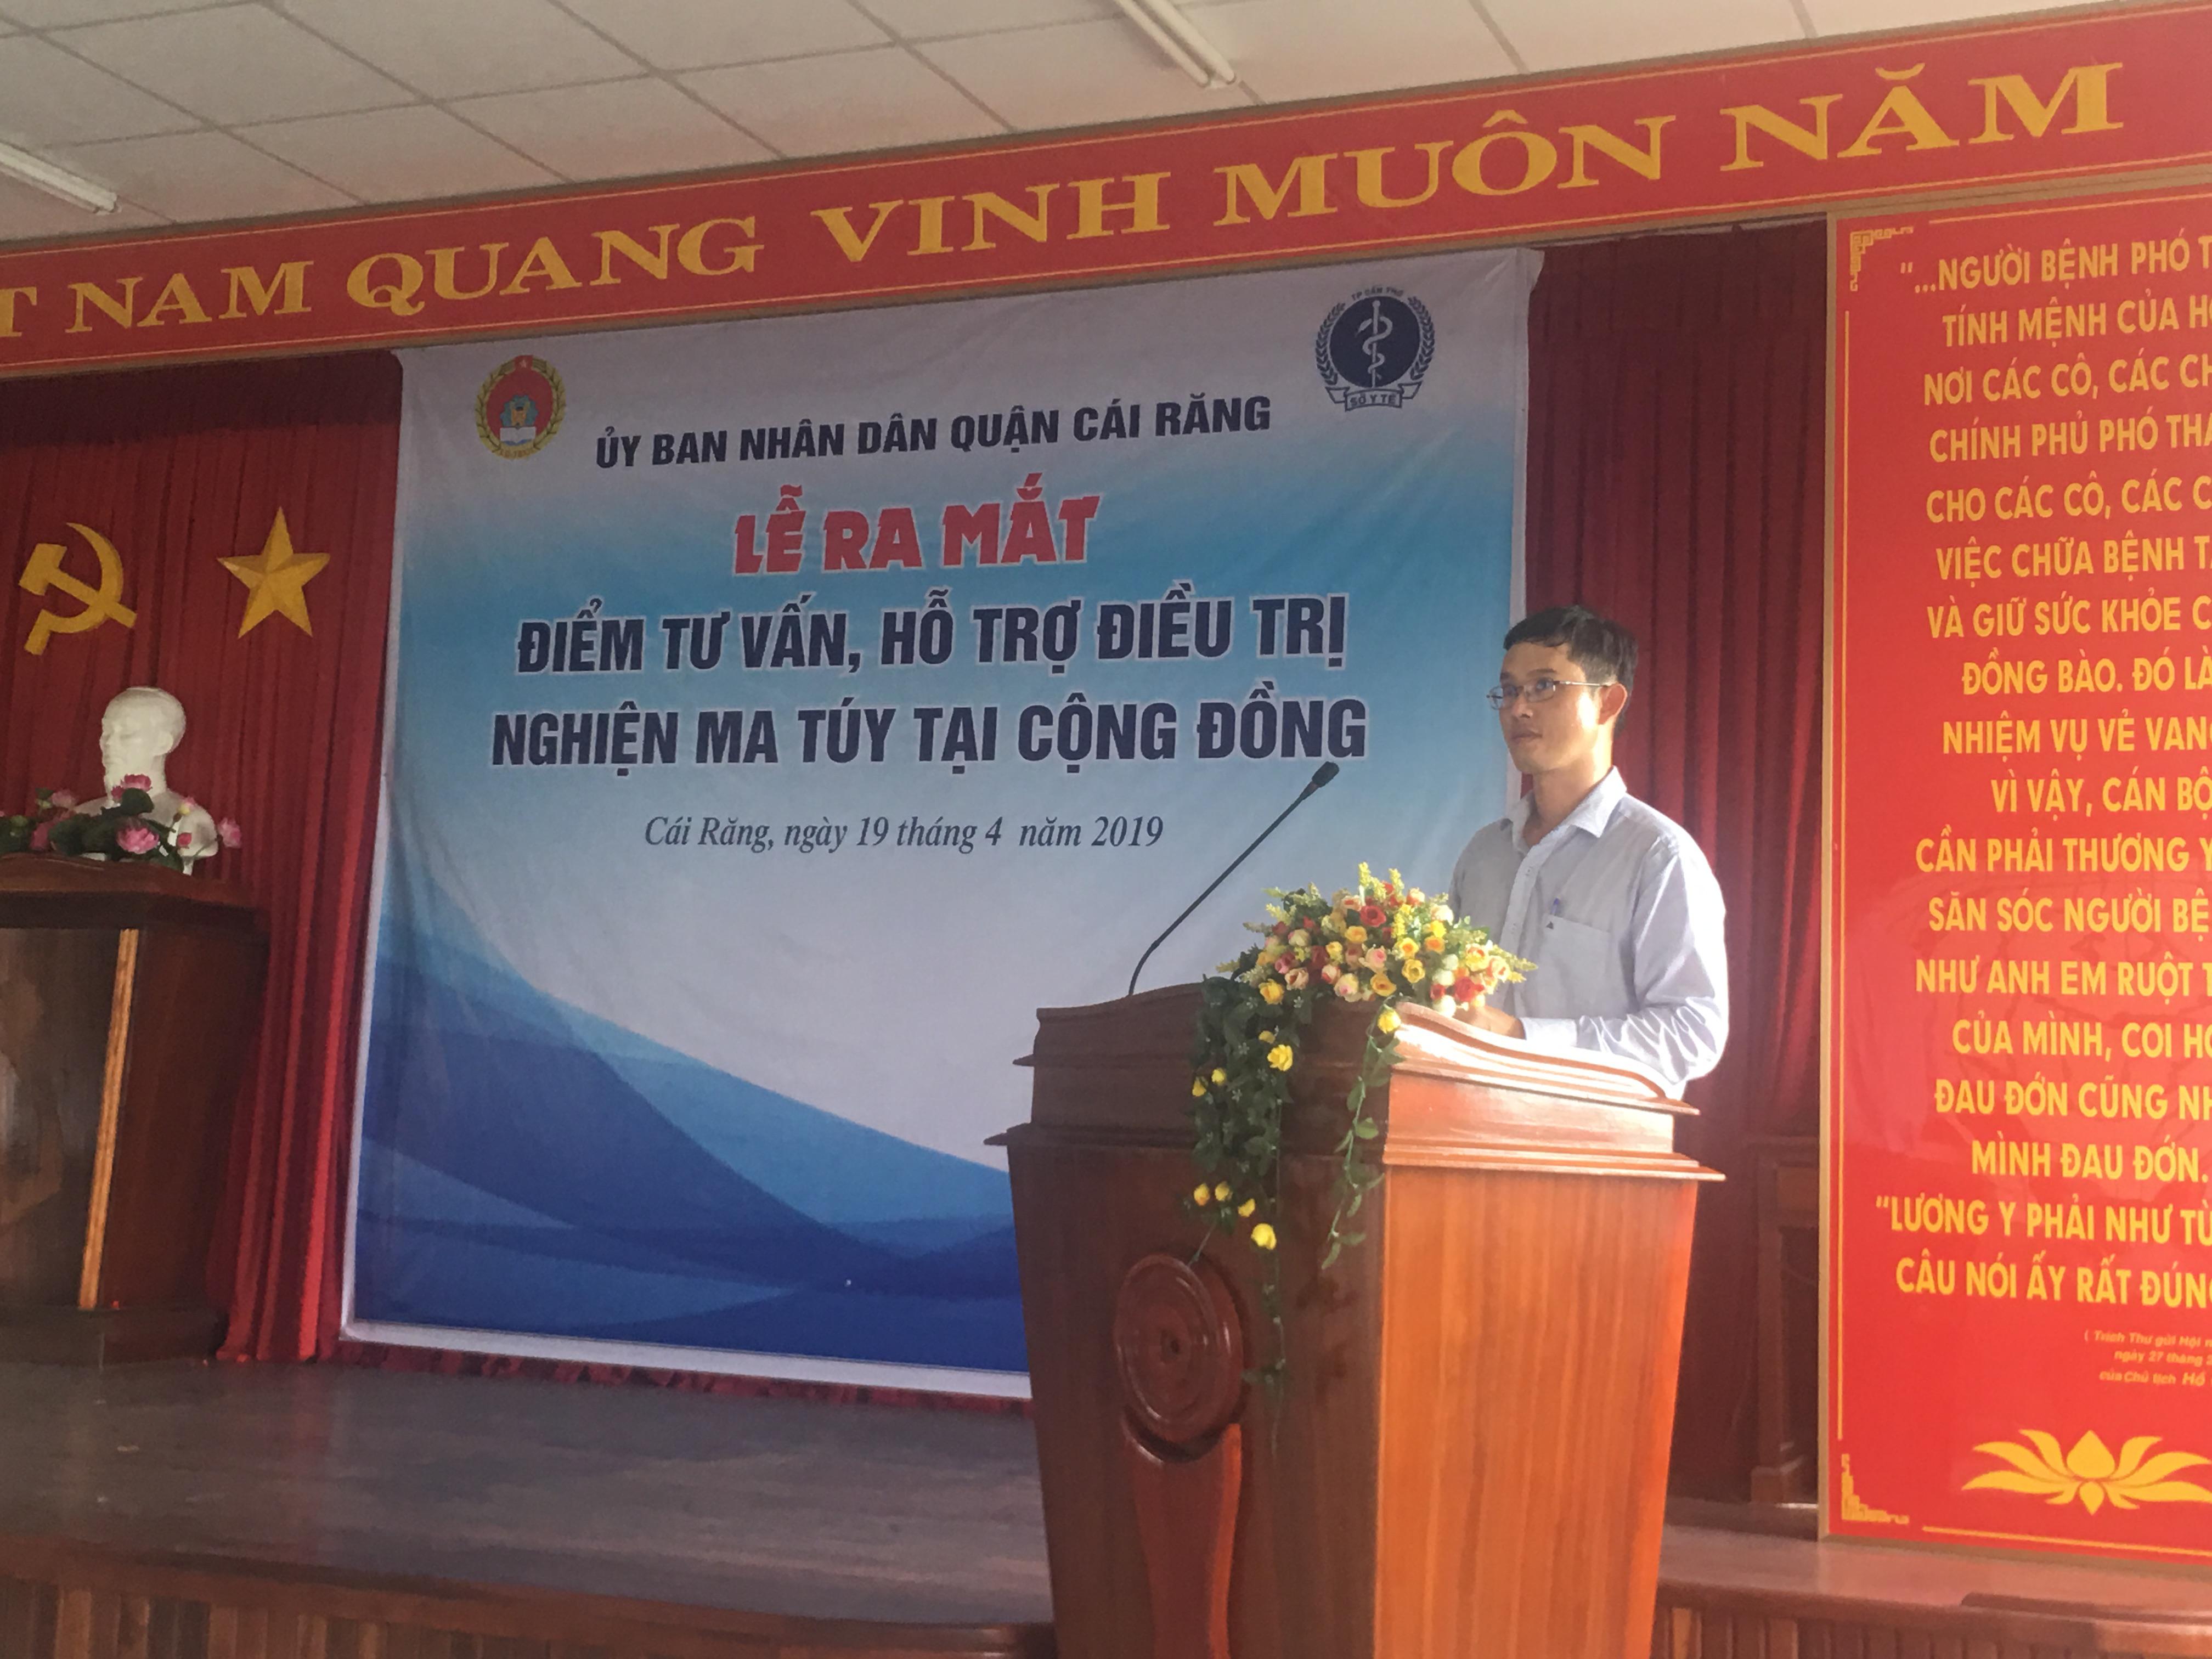 BSCKII Hà Tấn Vinh GĐ TTYT quận Cái Răng thông qua quy chế hoạt động điểm tư vấn, hỗ trợ điều trị nghiện ma túy tại cộng đồng